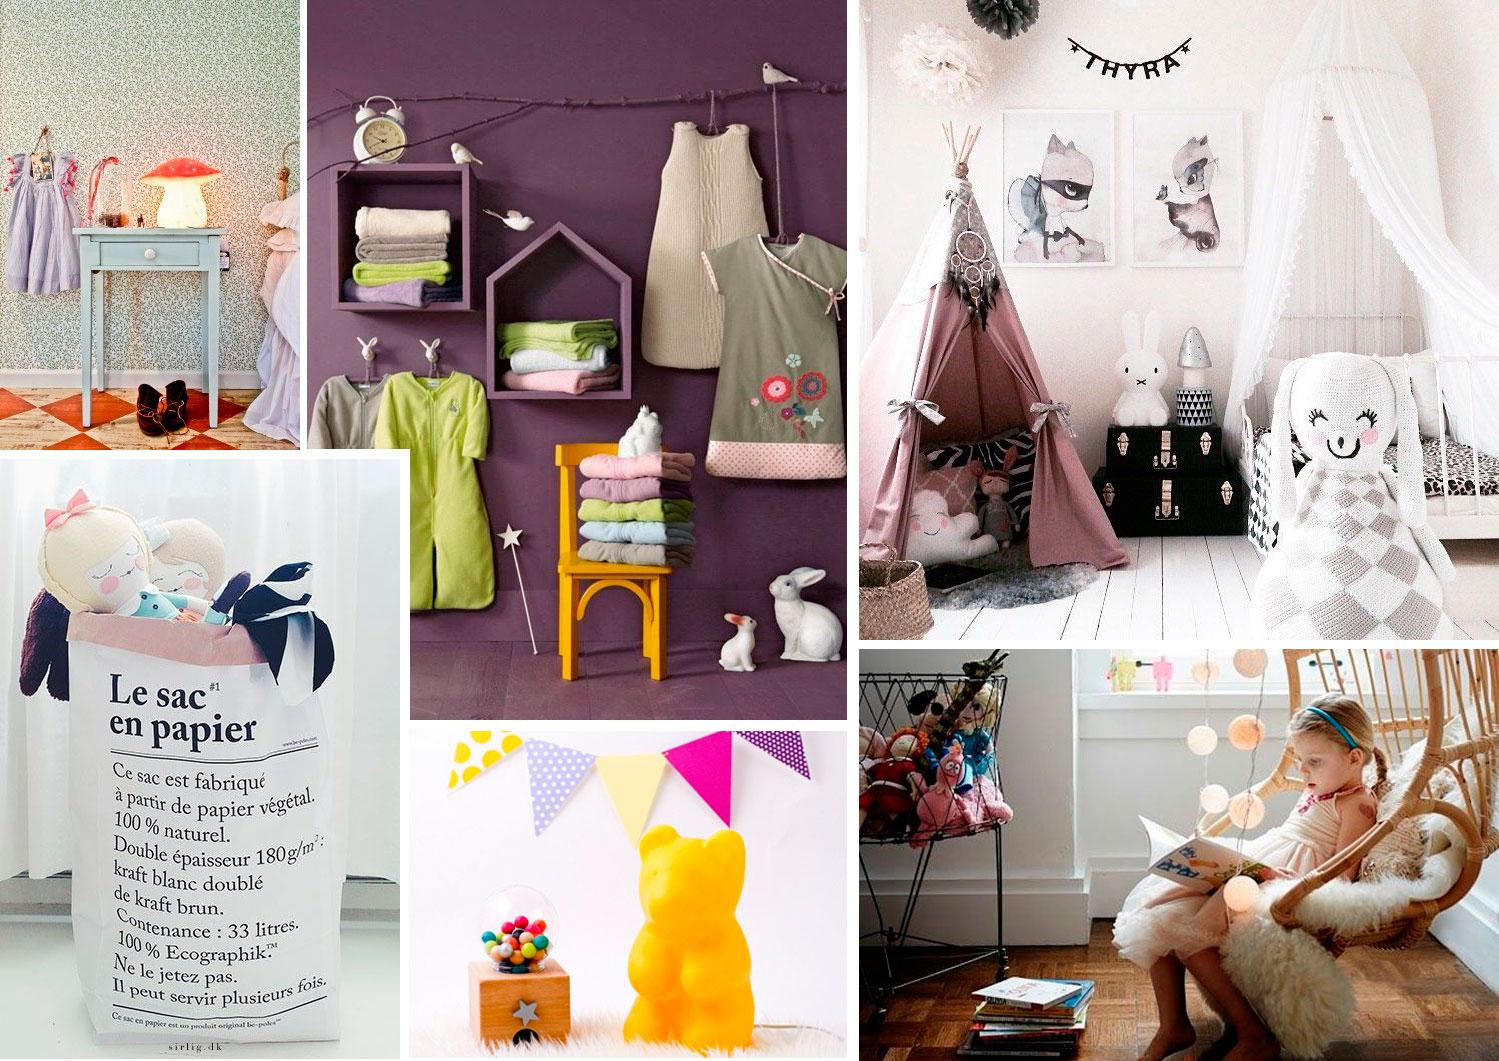 toques-de-color-decoratualma-espacio-infantil-dormitorio-habitacion-niños